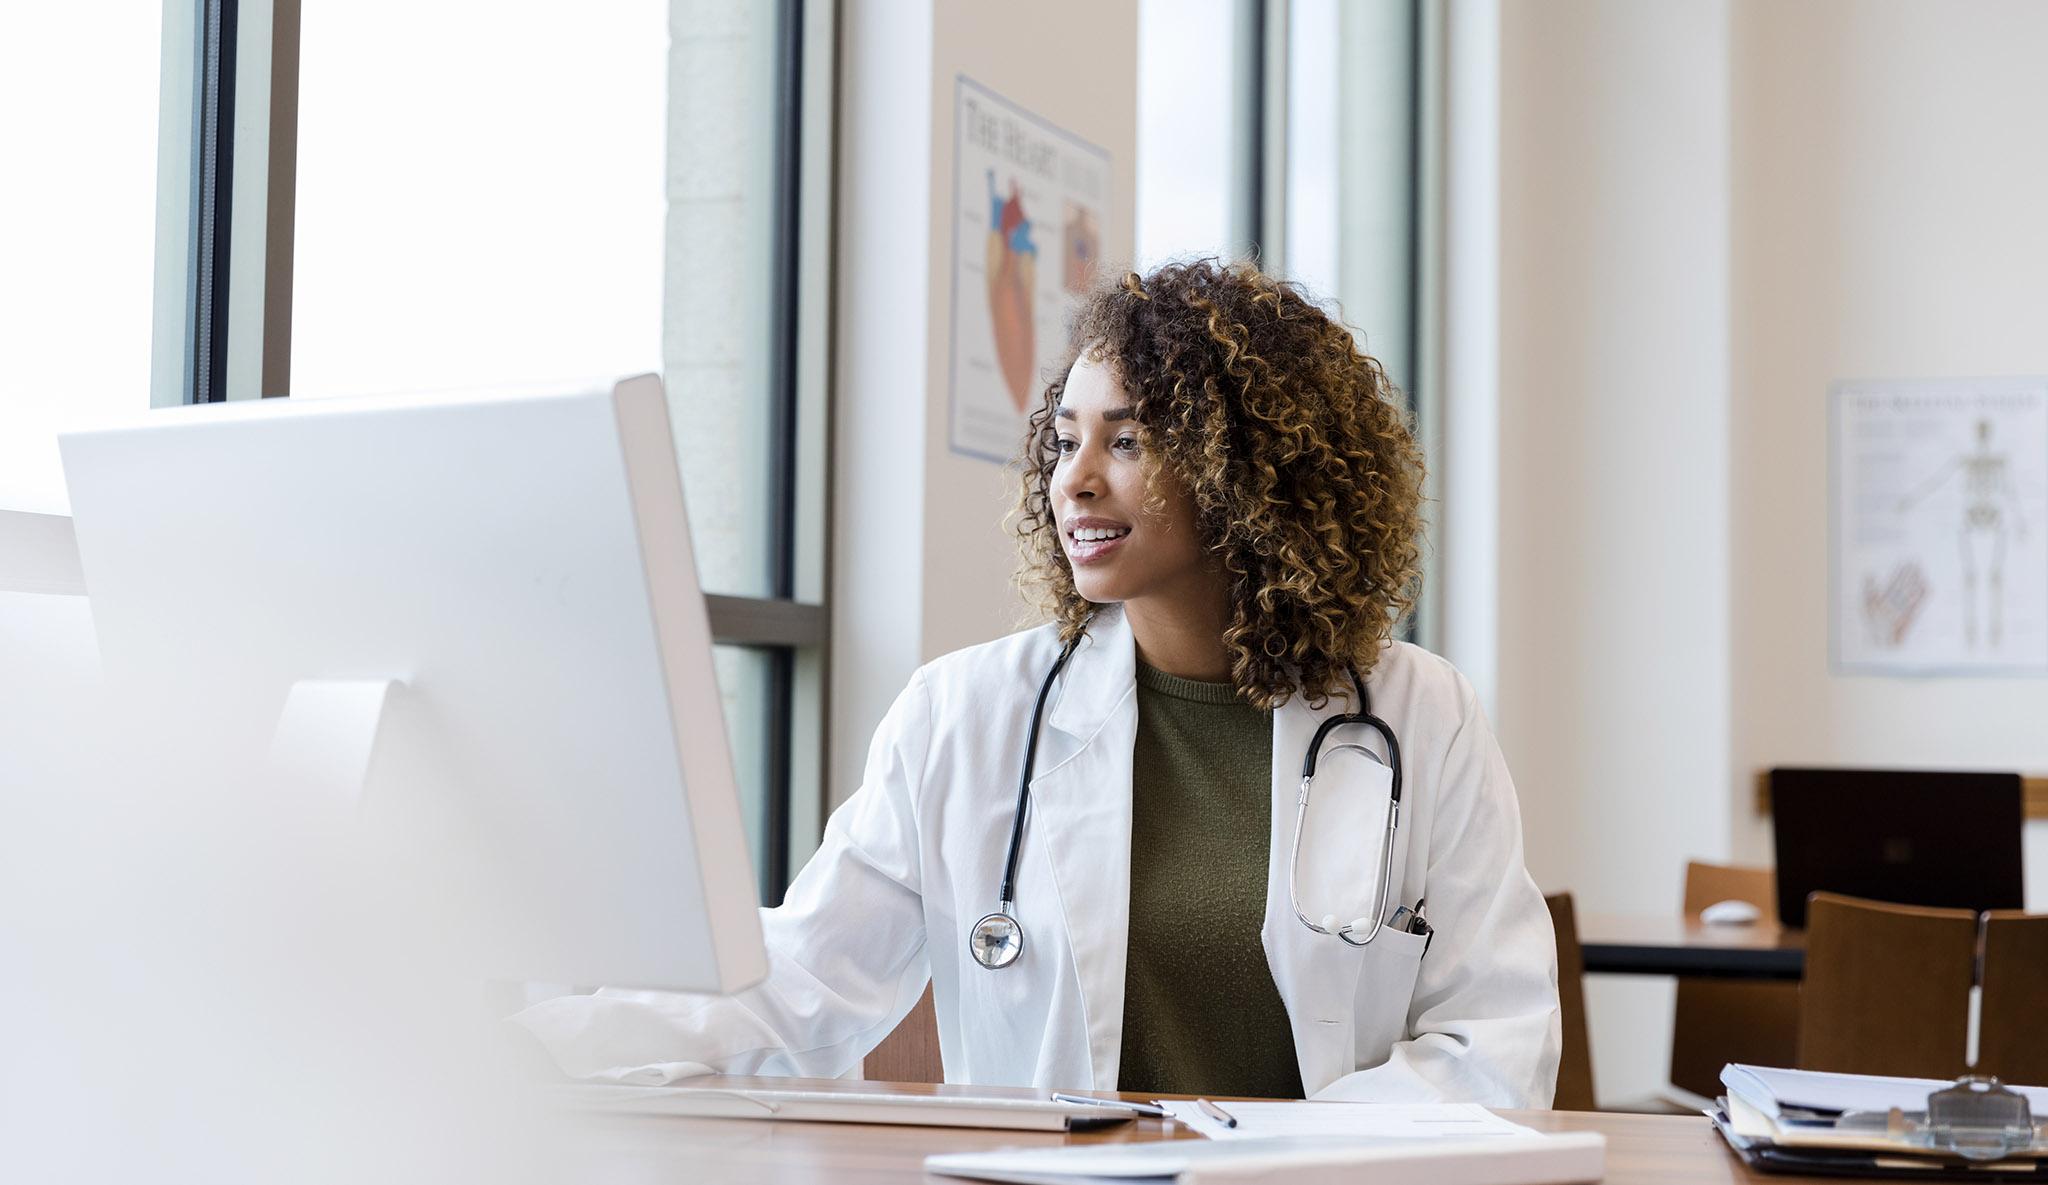 Clinician in a lab coat at a desktop computer